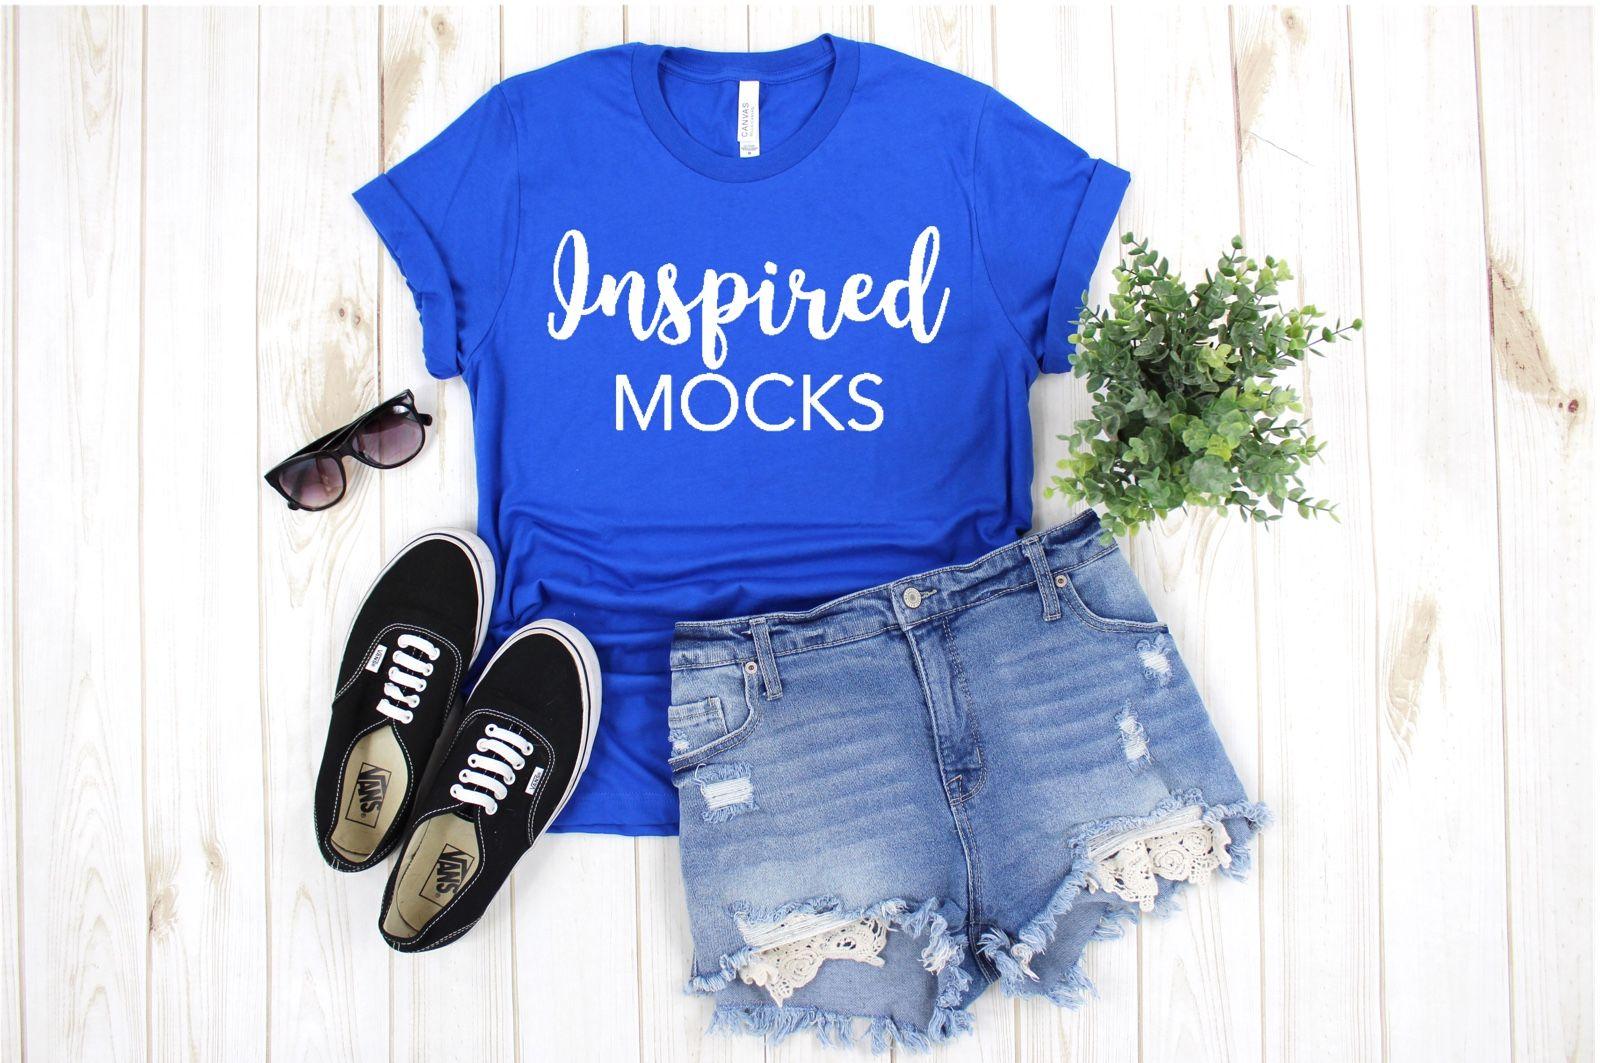 Summer Mockup Bella Canvas 3001 Royal Blue Tshirt Mockup Shirt